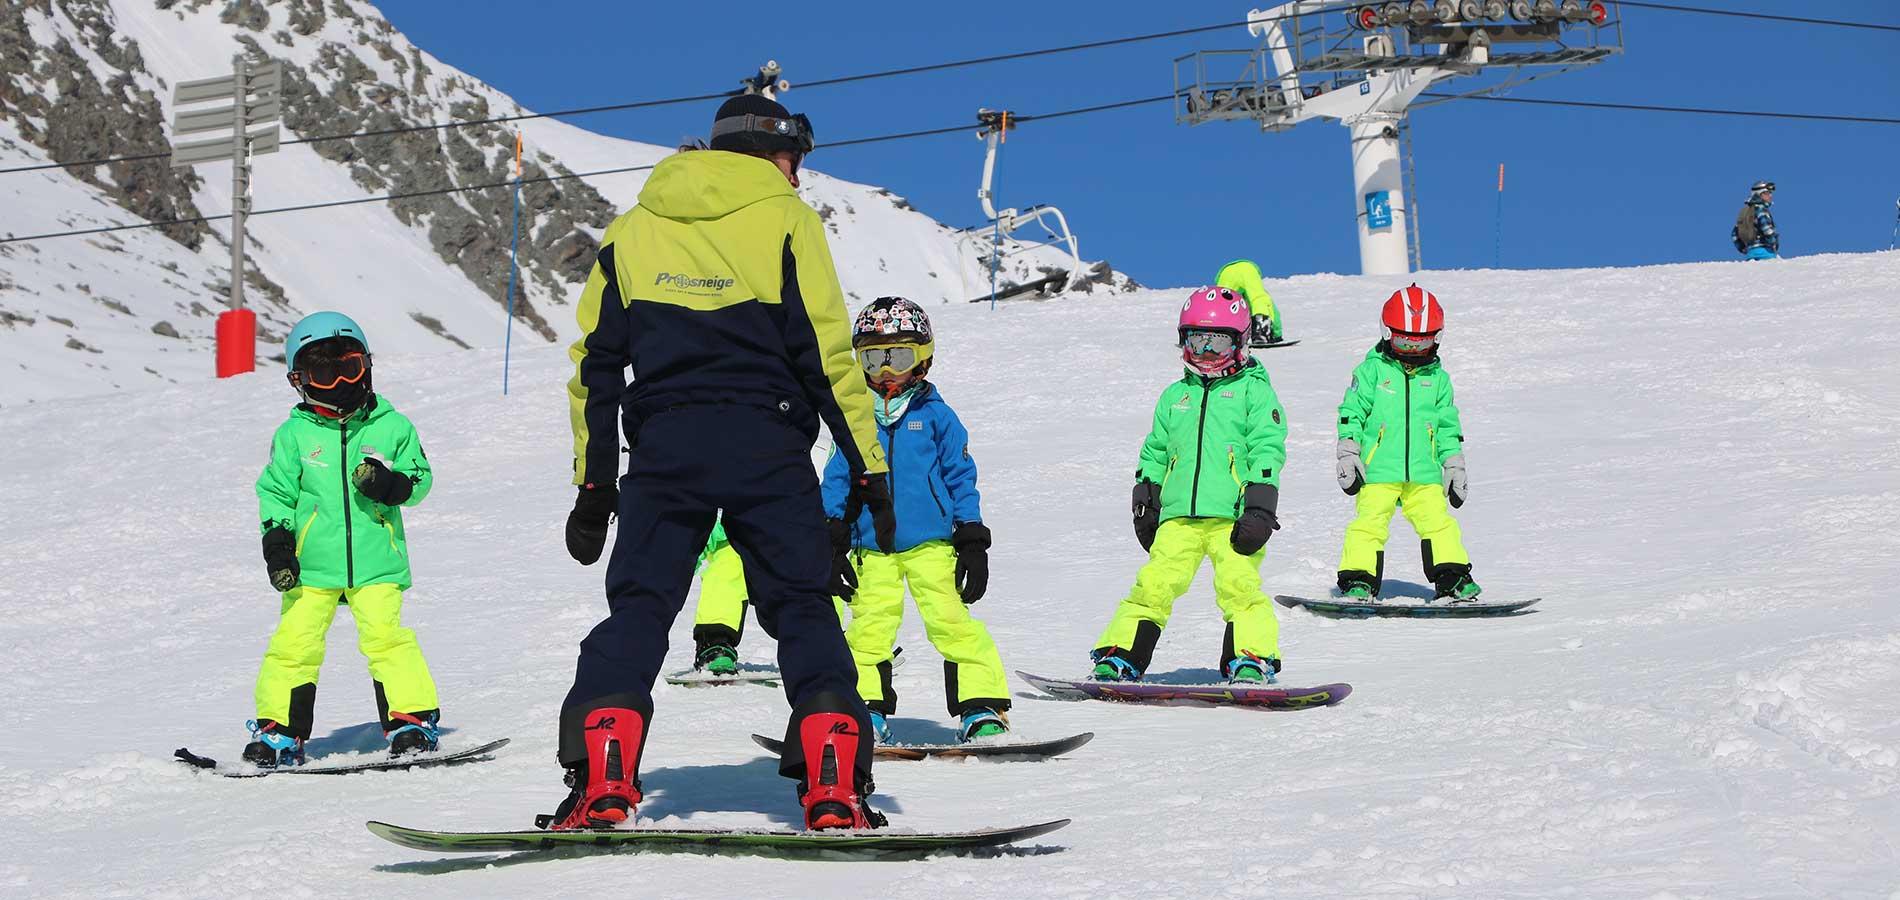 cours collectif de snowboard pour enfant avec Prosneige